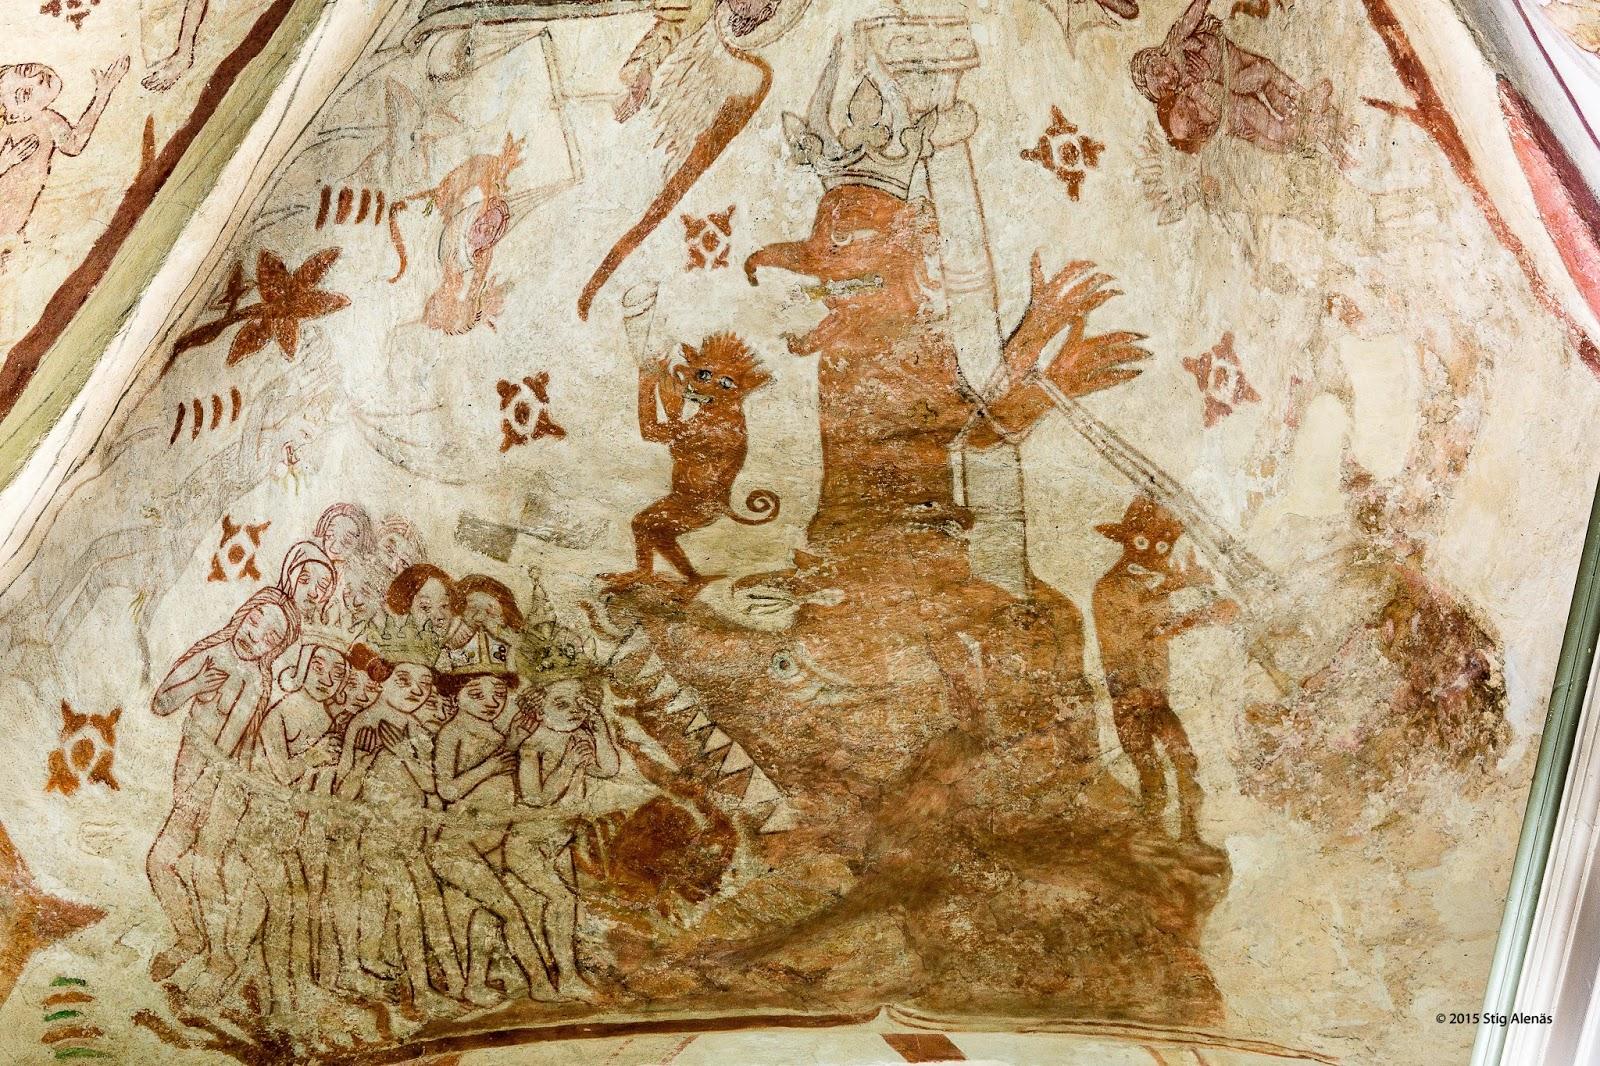 Bildresultat för helvetesgapet medeltid